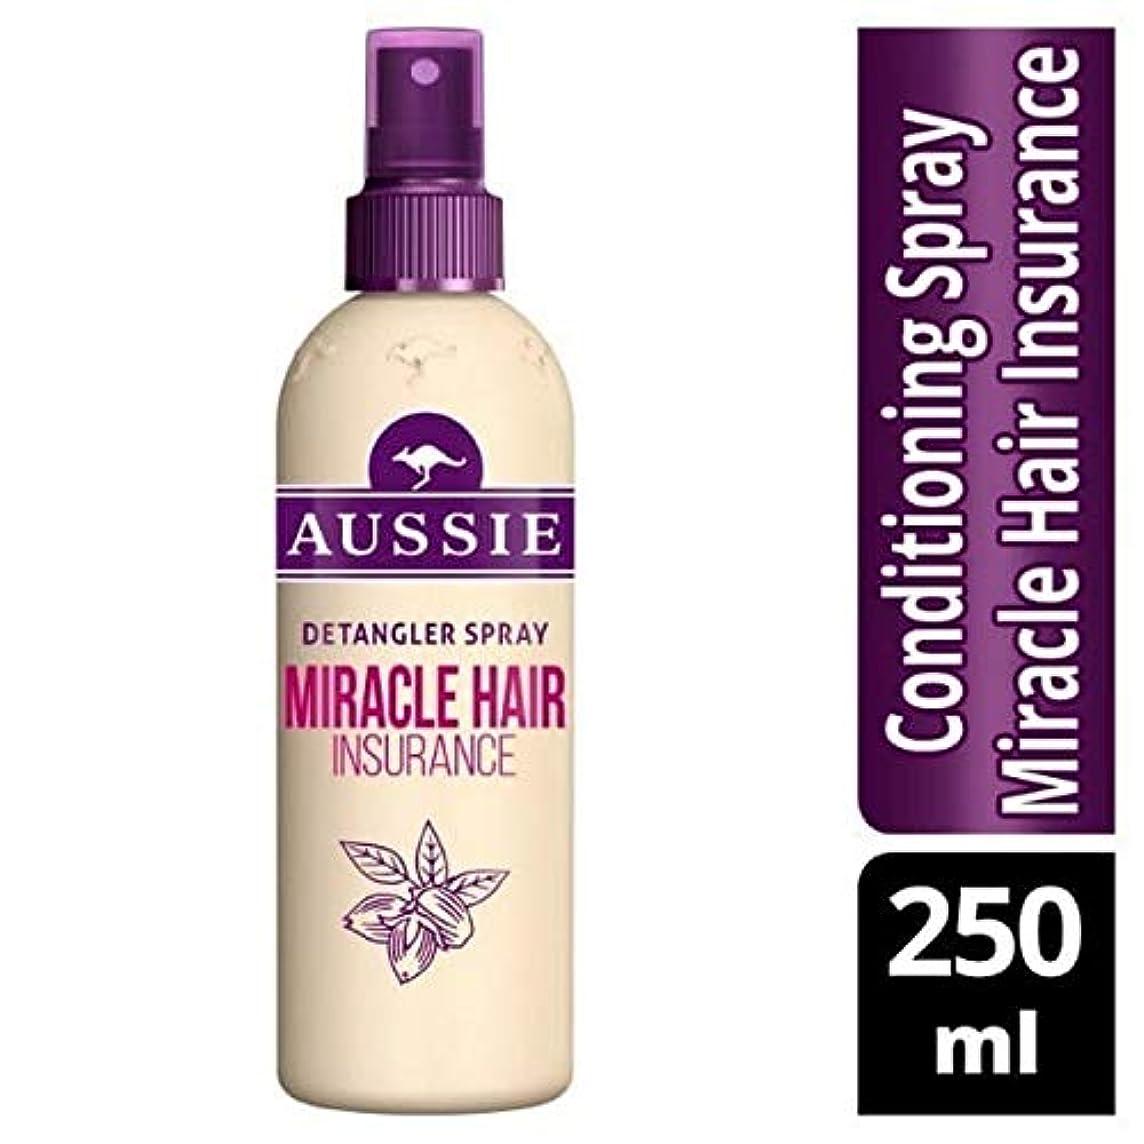 飲食店近所のきらめき[Aussie ] オーストラリアの奇跡髪保険Detanglerスプレー250ミリリットル - Aussie Miracle Hair Insurance Detangler Spray 250ml [並行輸入品]